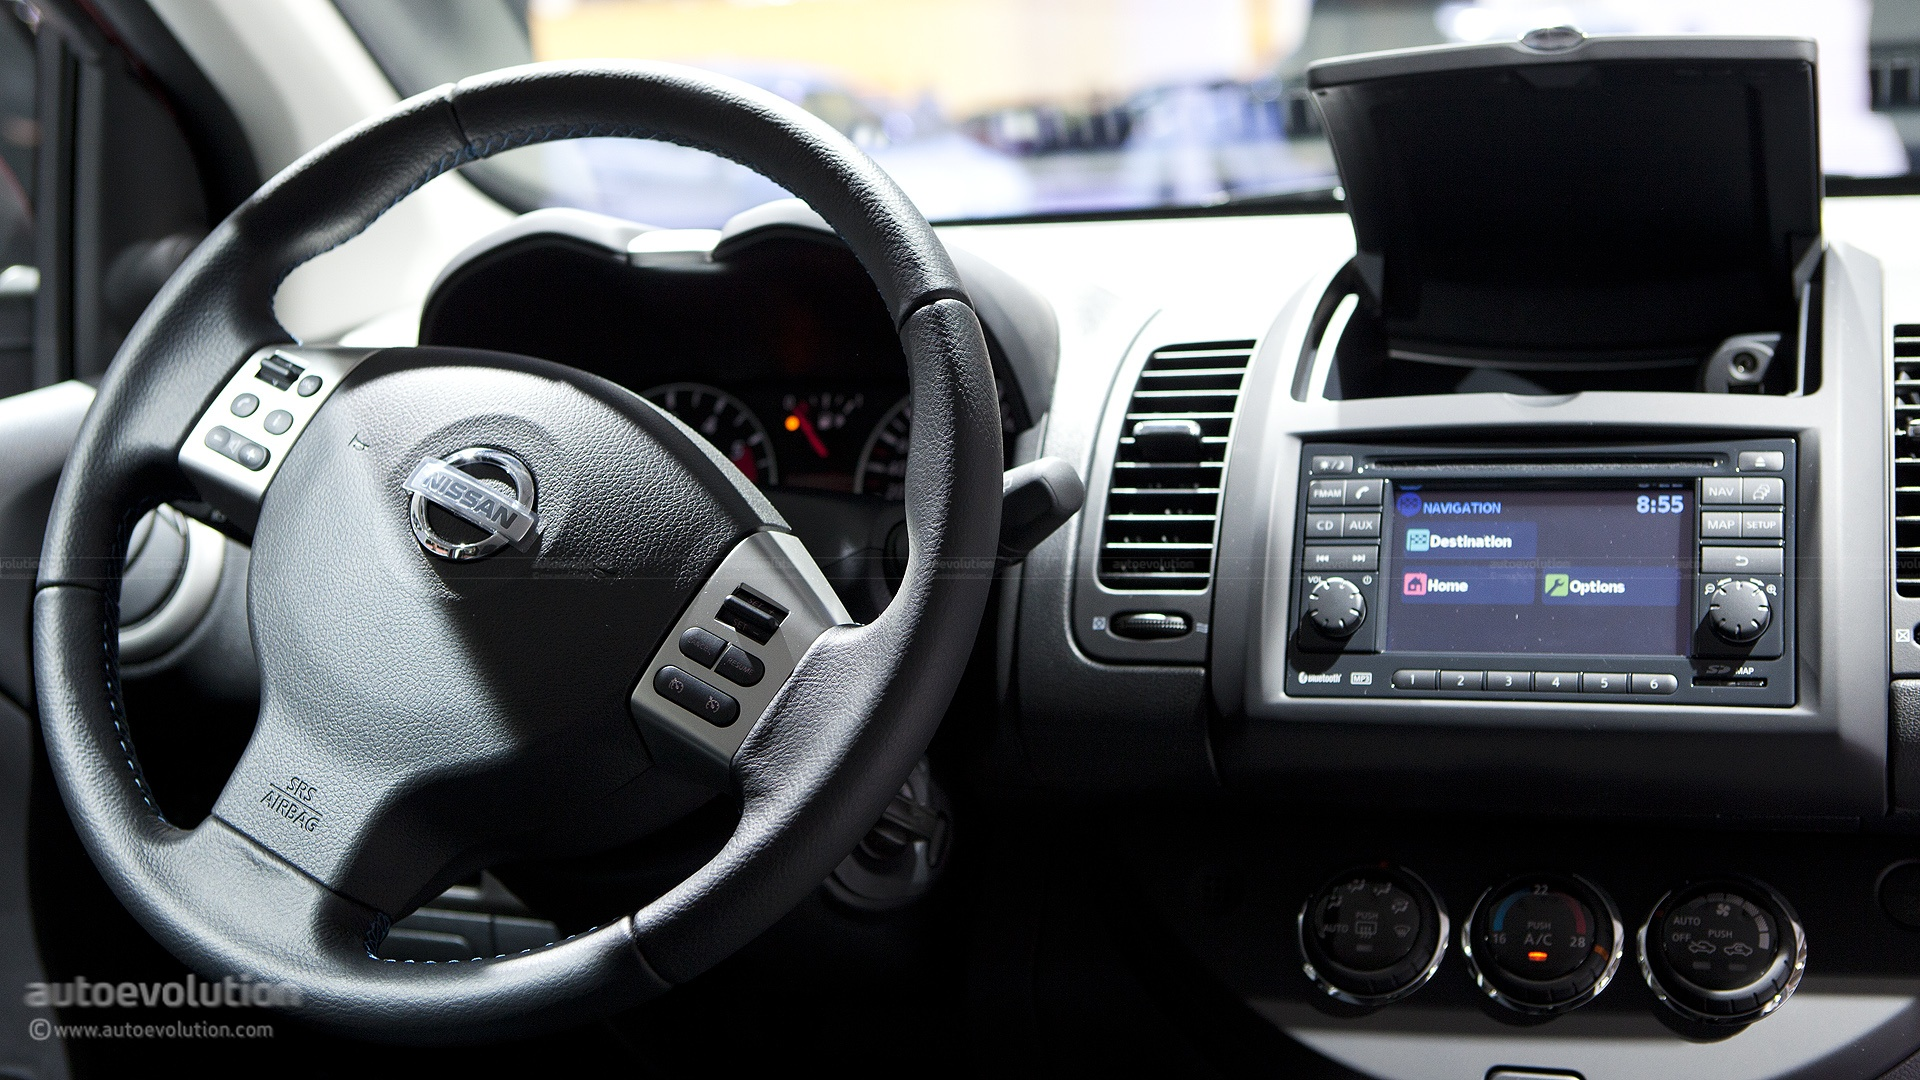 2013 Volkswagen Up Comparison Review Nissan Micra | Auto Design Tech